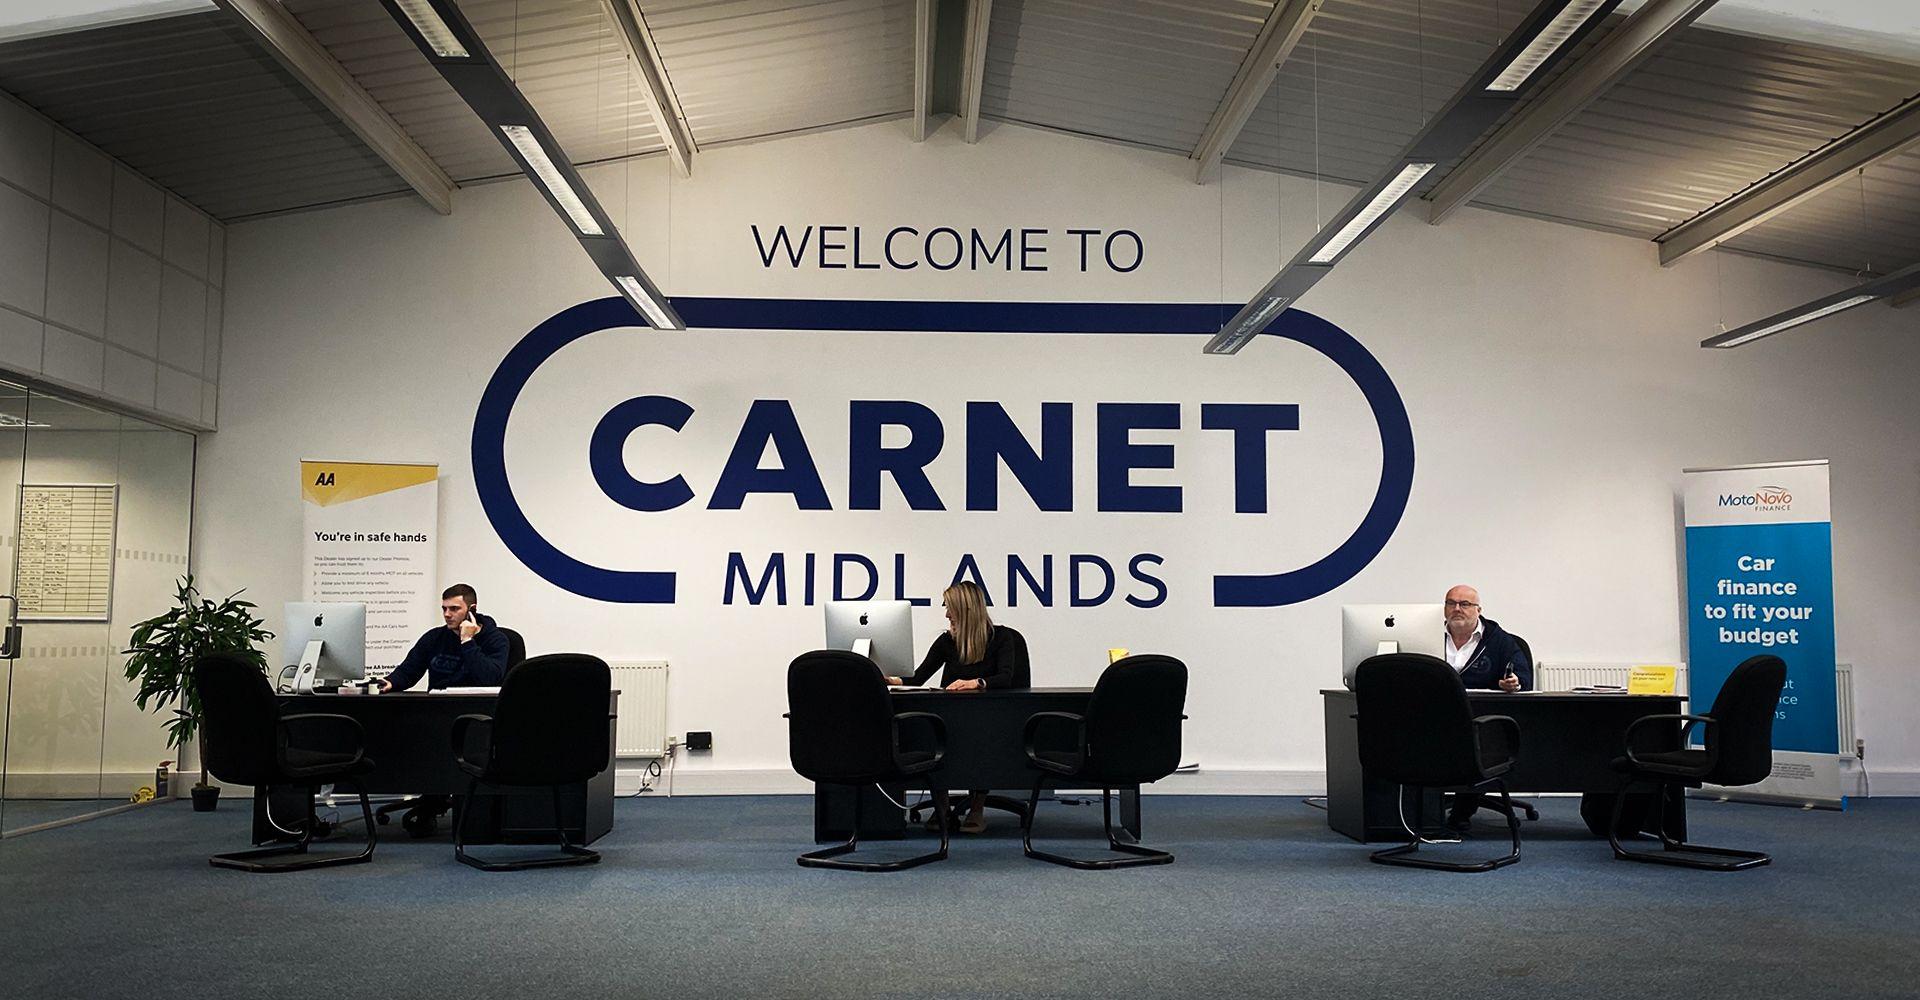 Carnet Home Page Hero 1 Result - Carnet Midlands Limited